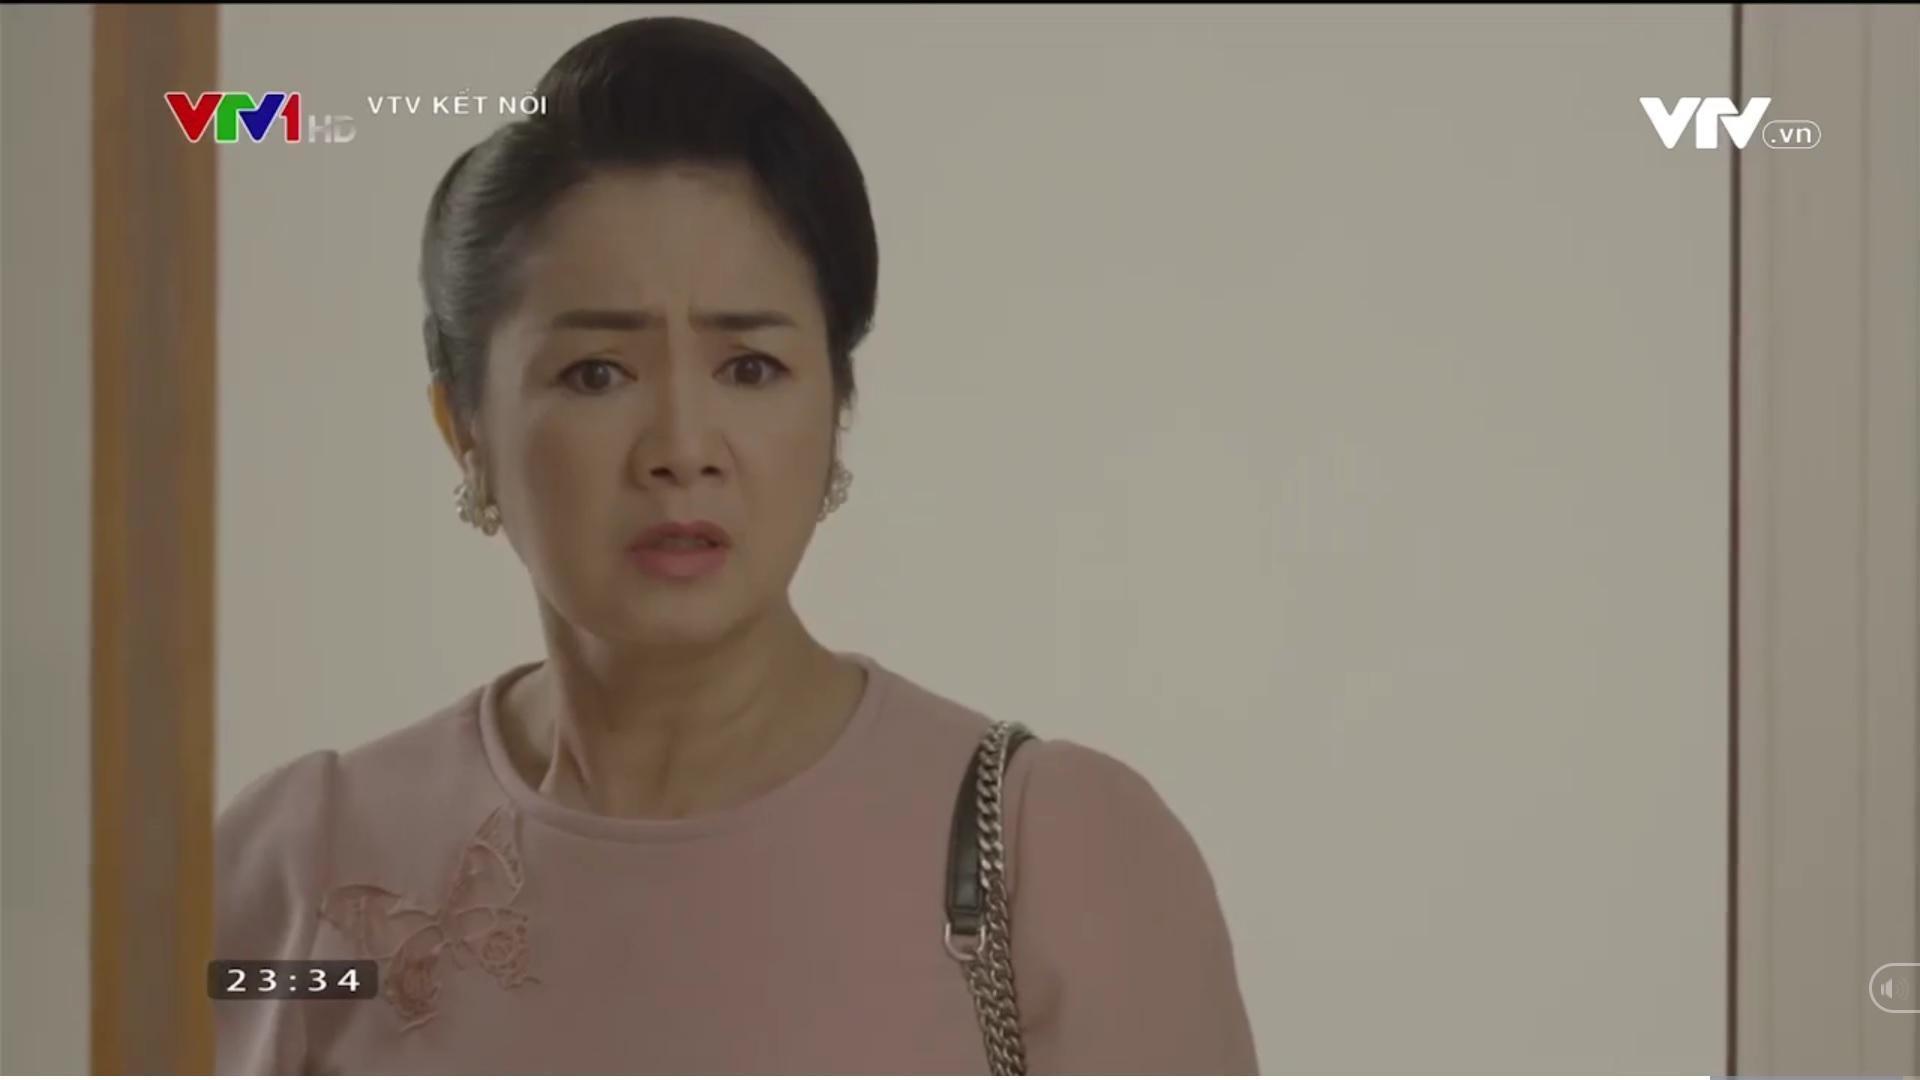 Showbiz 29/4: Con gái Mai Phương xuất hiện cùng Ốc Thanh Vân gây 'sốt' Ảnh 3